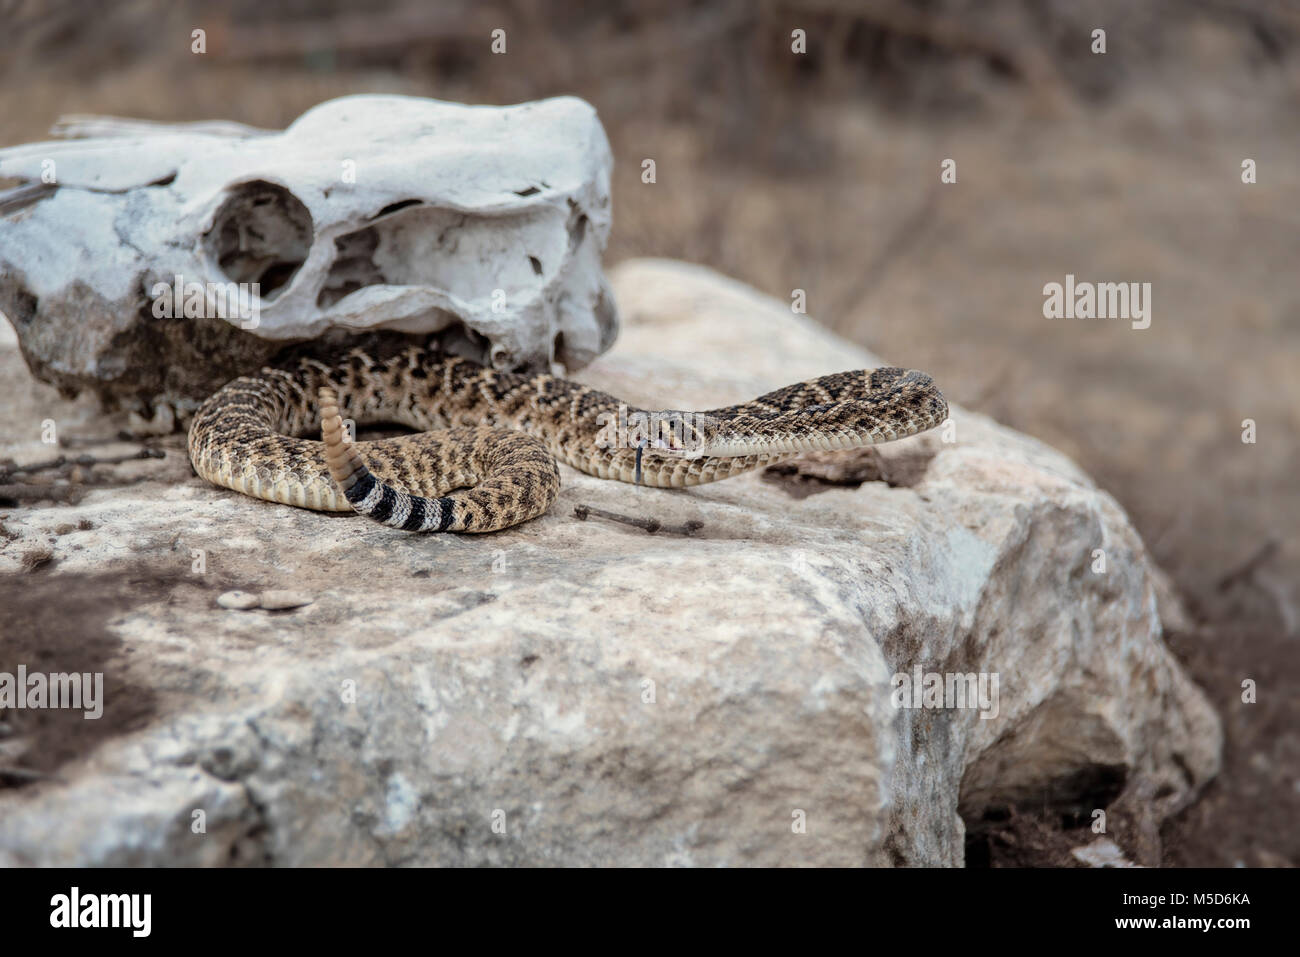 Cascabel en Boulder en frente de cráneos de vaca en Texas Imagen De Stock